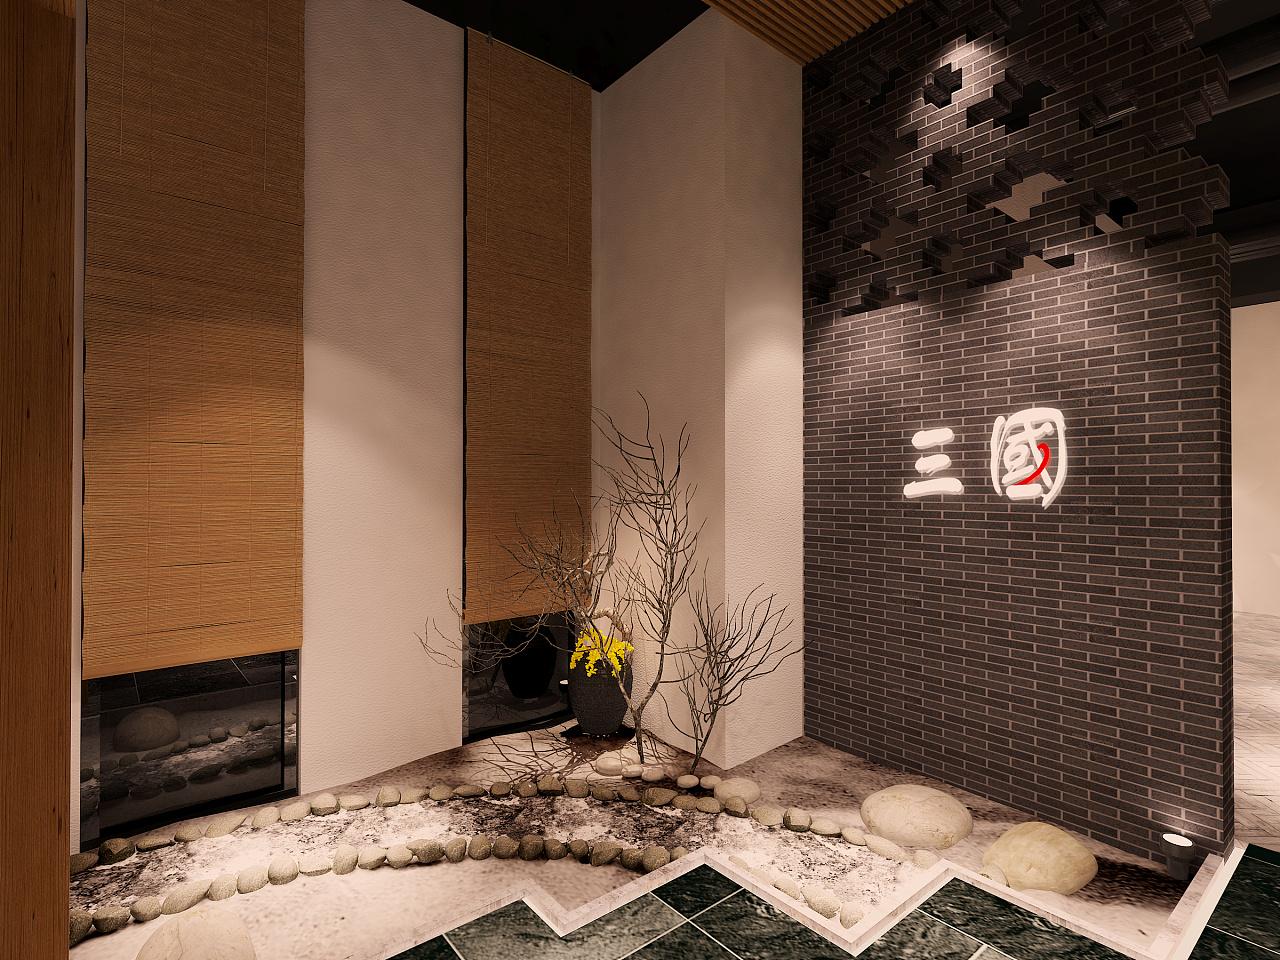 室月亮门室内设计公司门头大厅包间玄关大连有哪些建筑设计走廊图片